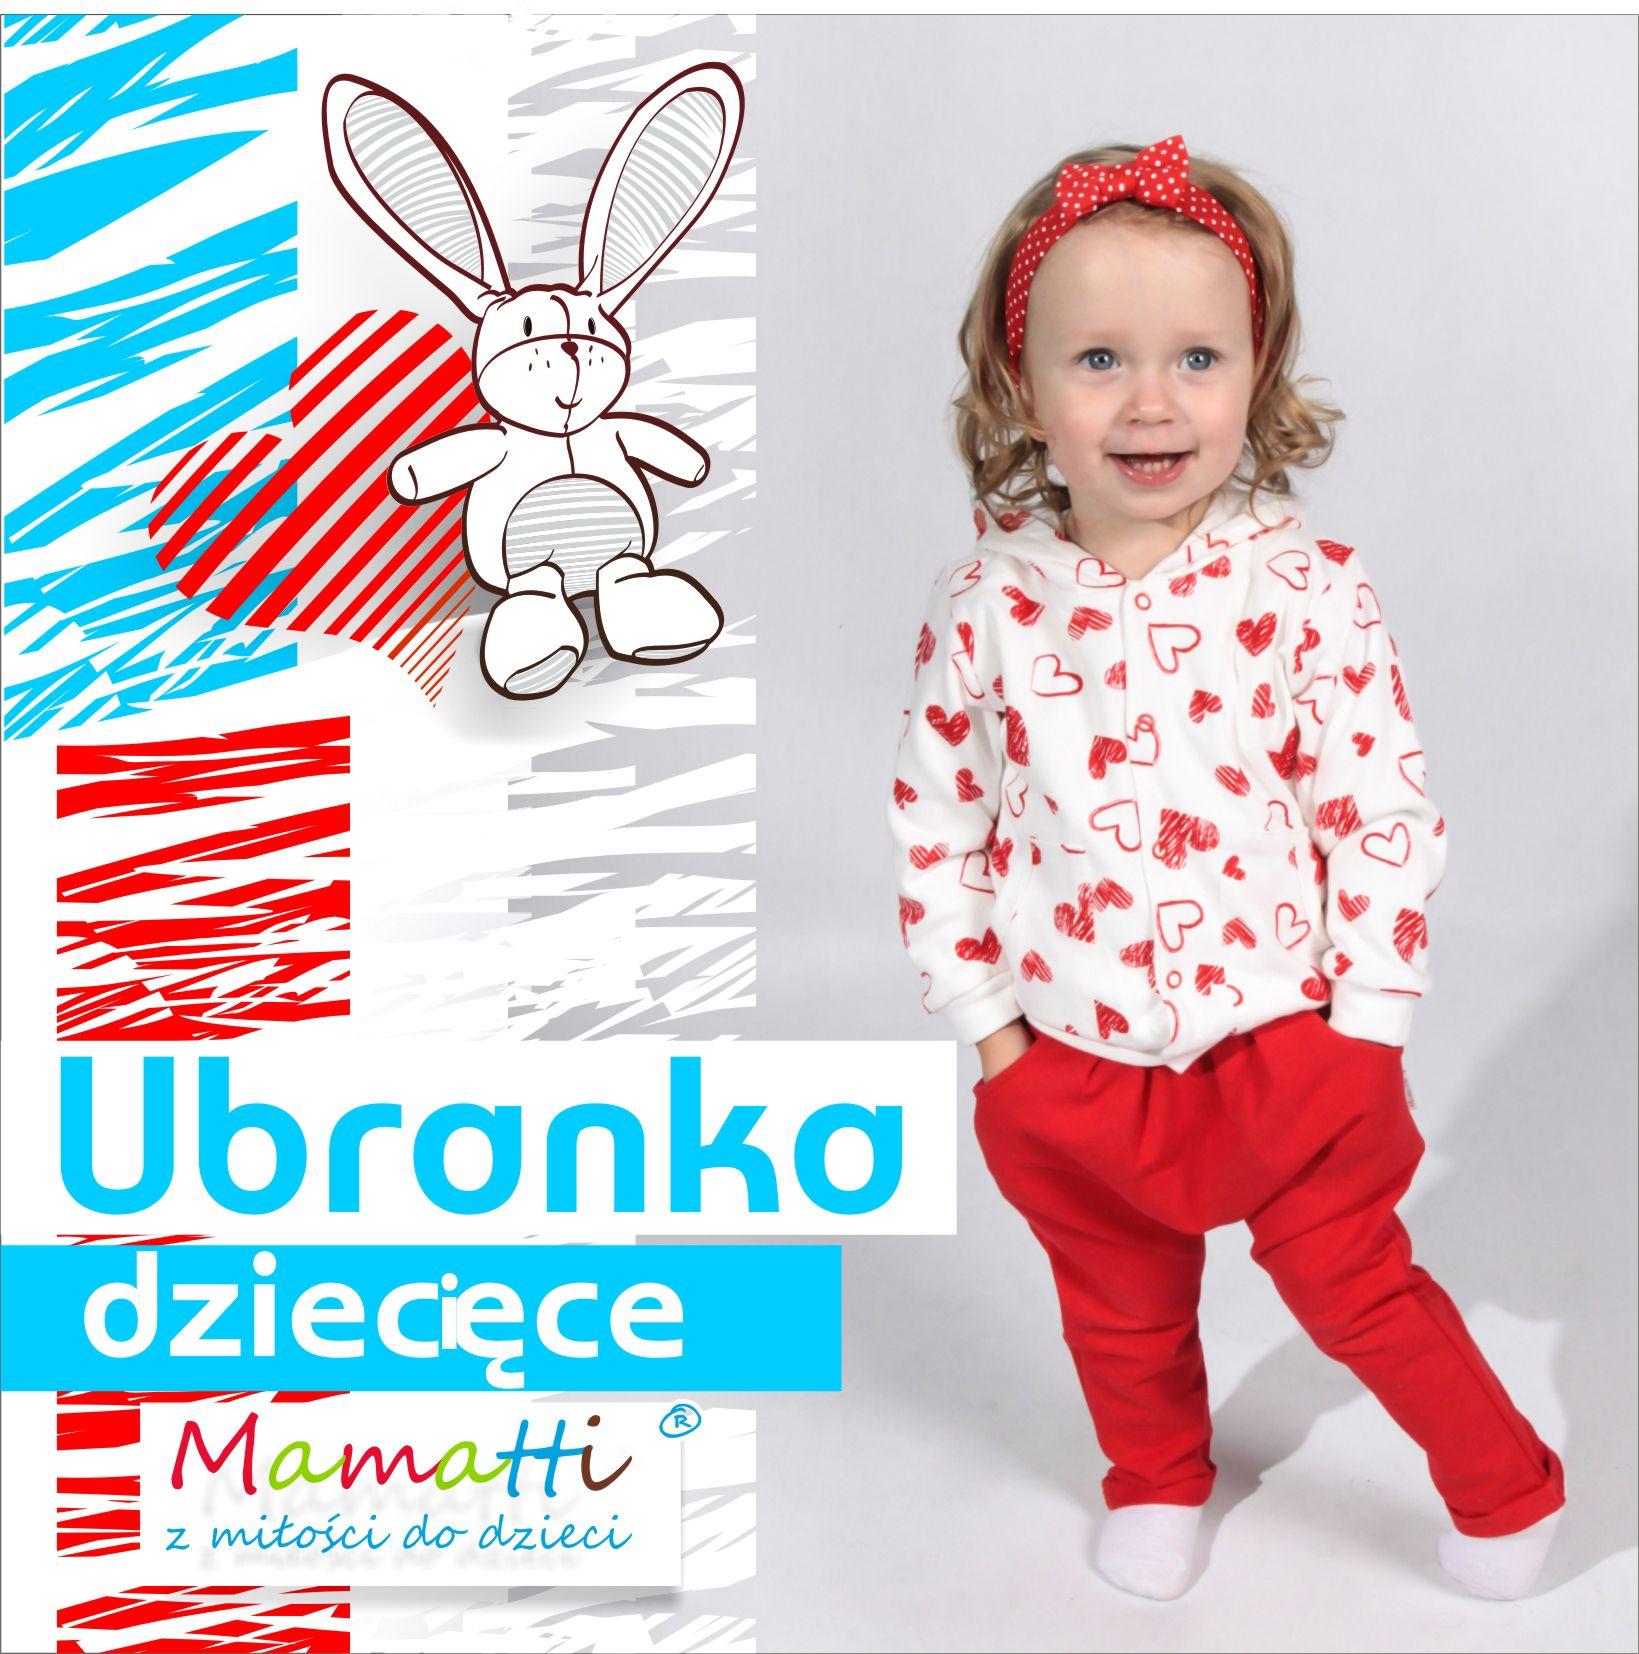 af9028614fdb28 sklep internetowy z odzieżą dziecięcą #moda #mylittlegirl #baby #babylove # dziecko #